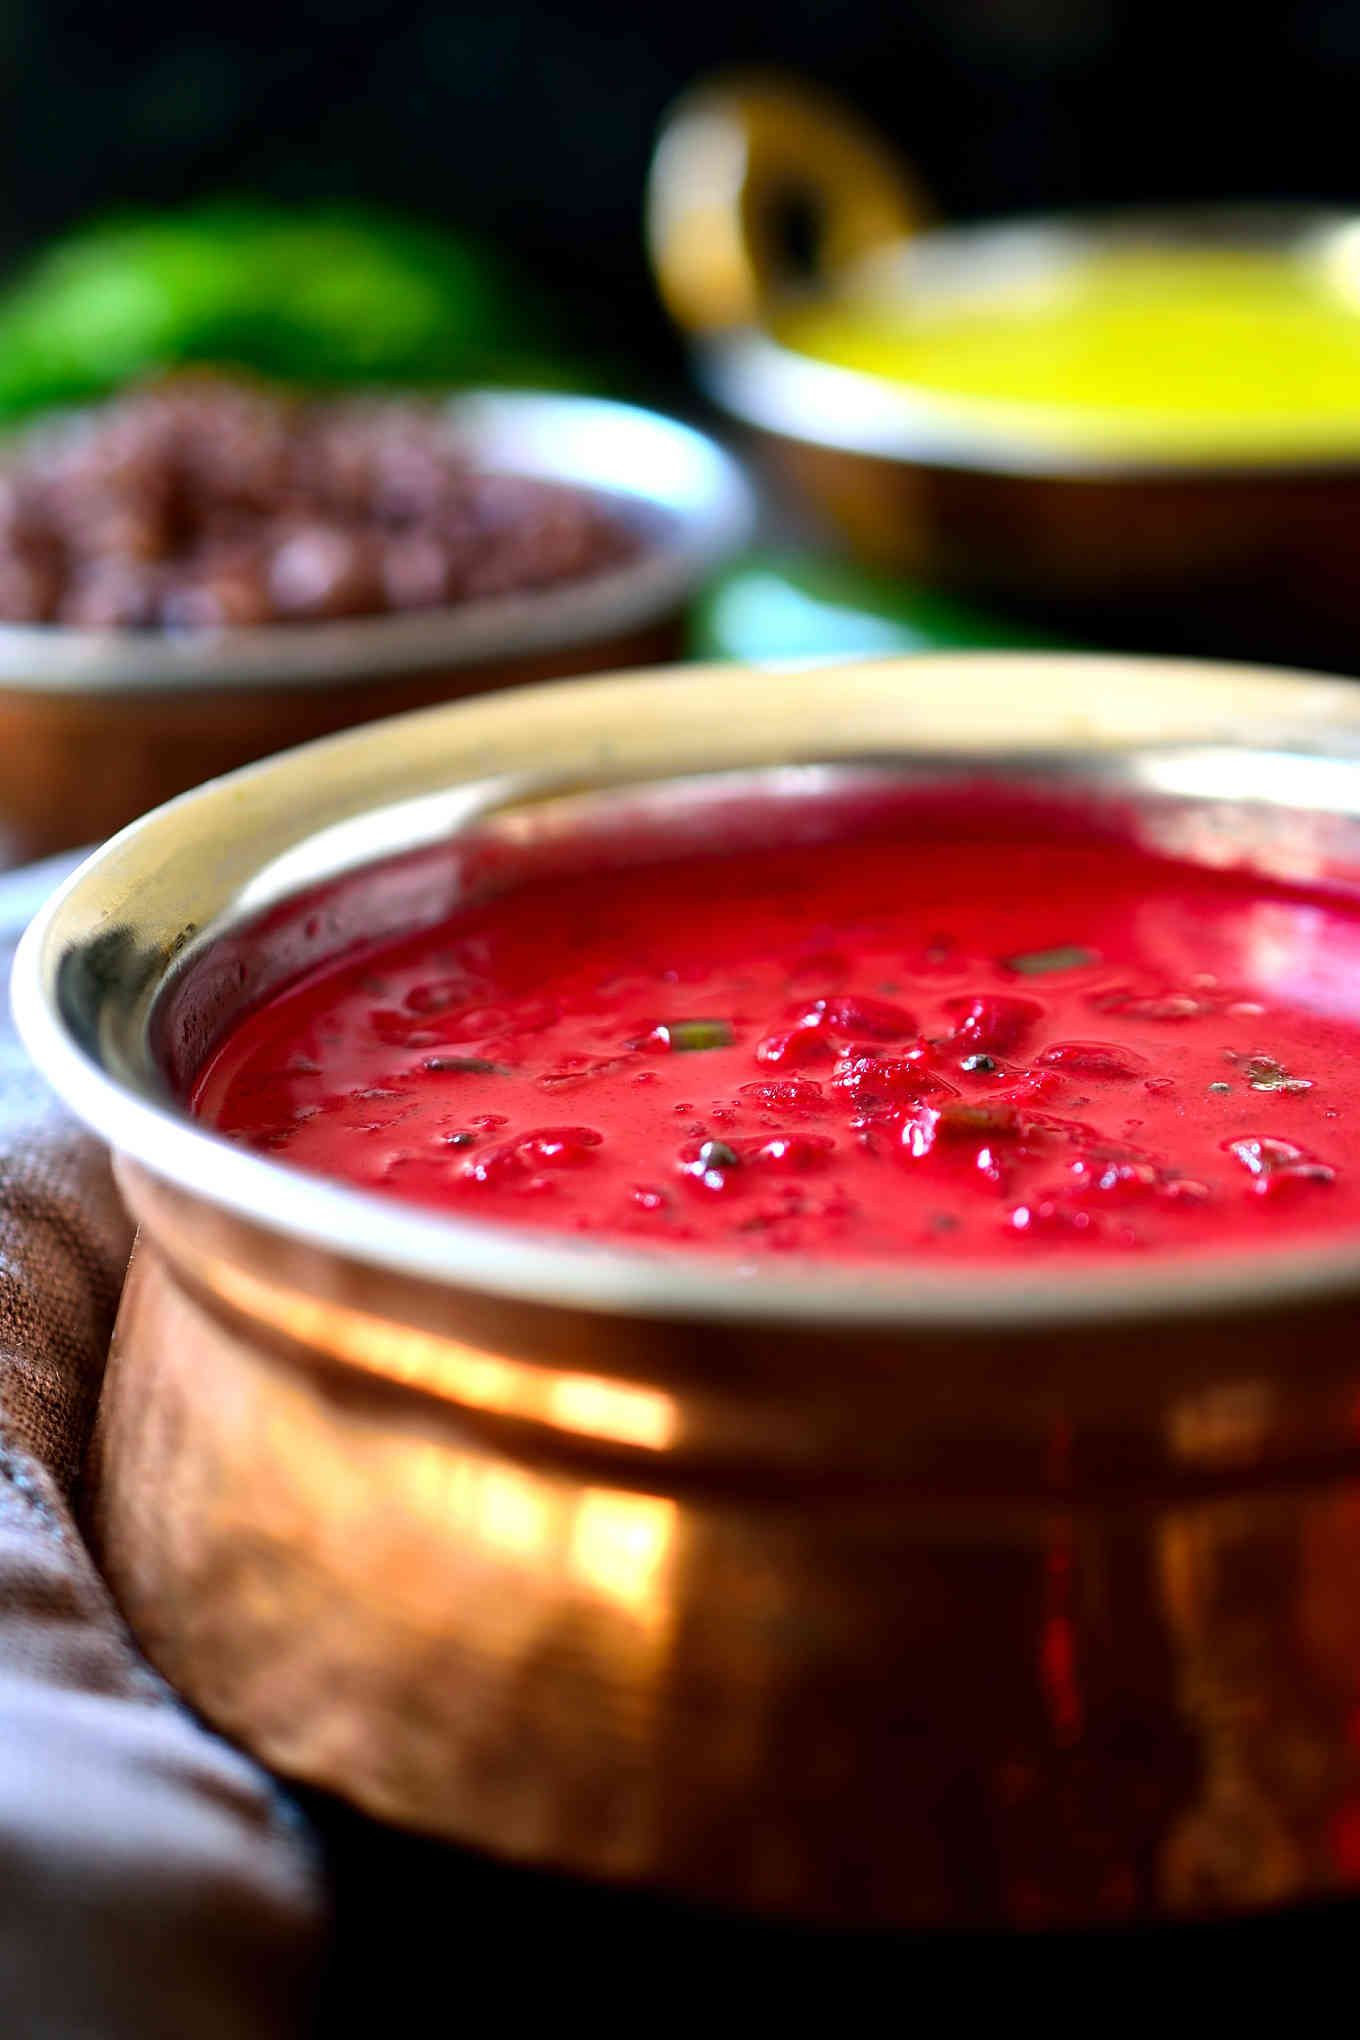 Esta sopa de remolacha y coco al curry es un plato a la vez cremoso, dulce, salado y un toque picante. Hecha con leche de coco, unas especias básicas, y servida con arroz, esta sopa con curry de remolacha es perfecta para un acompañamiento o plato principal vegetariano y vegano.